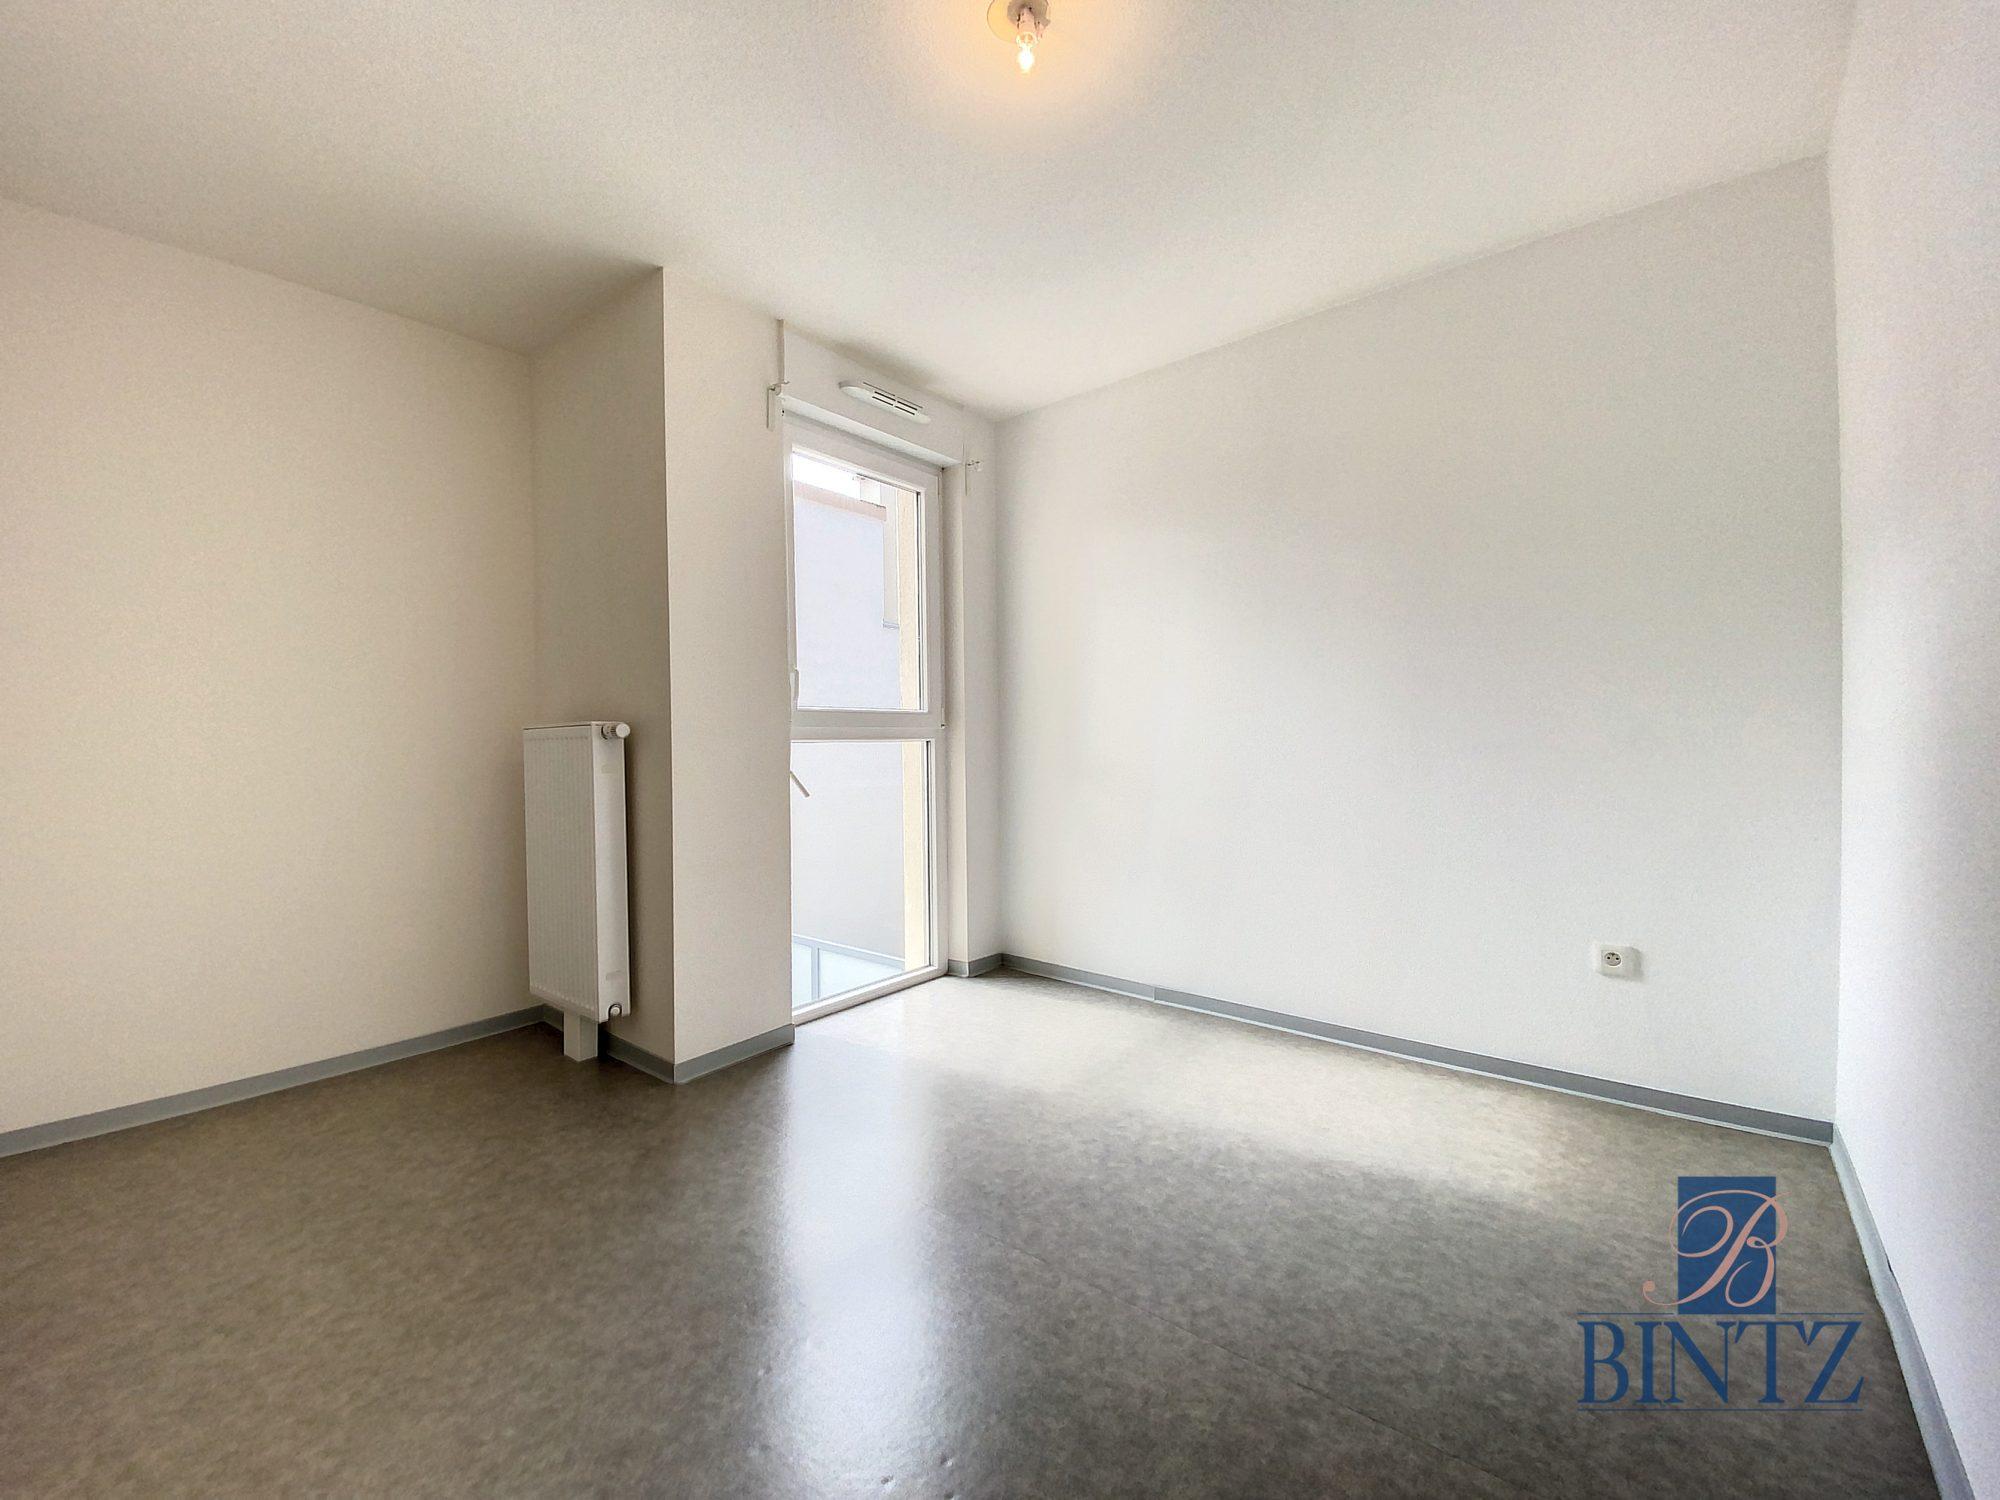 3 PIECES NEUF AVEC TERRASSE À SCHILTIGHEIM - Devenez propriétaire en toute confiance - Bintz Immobilier - 9